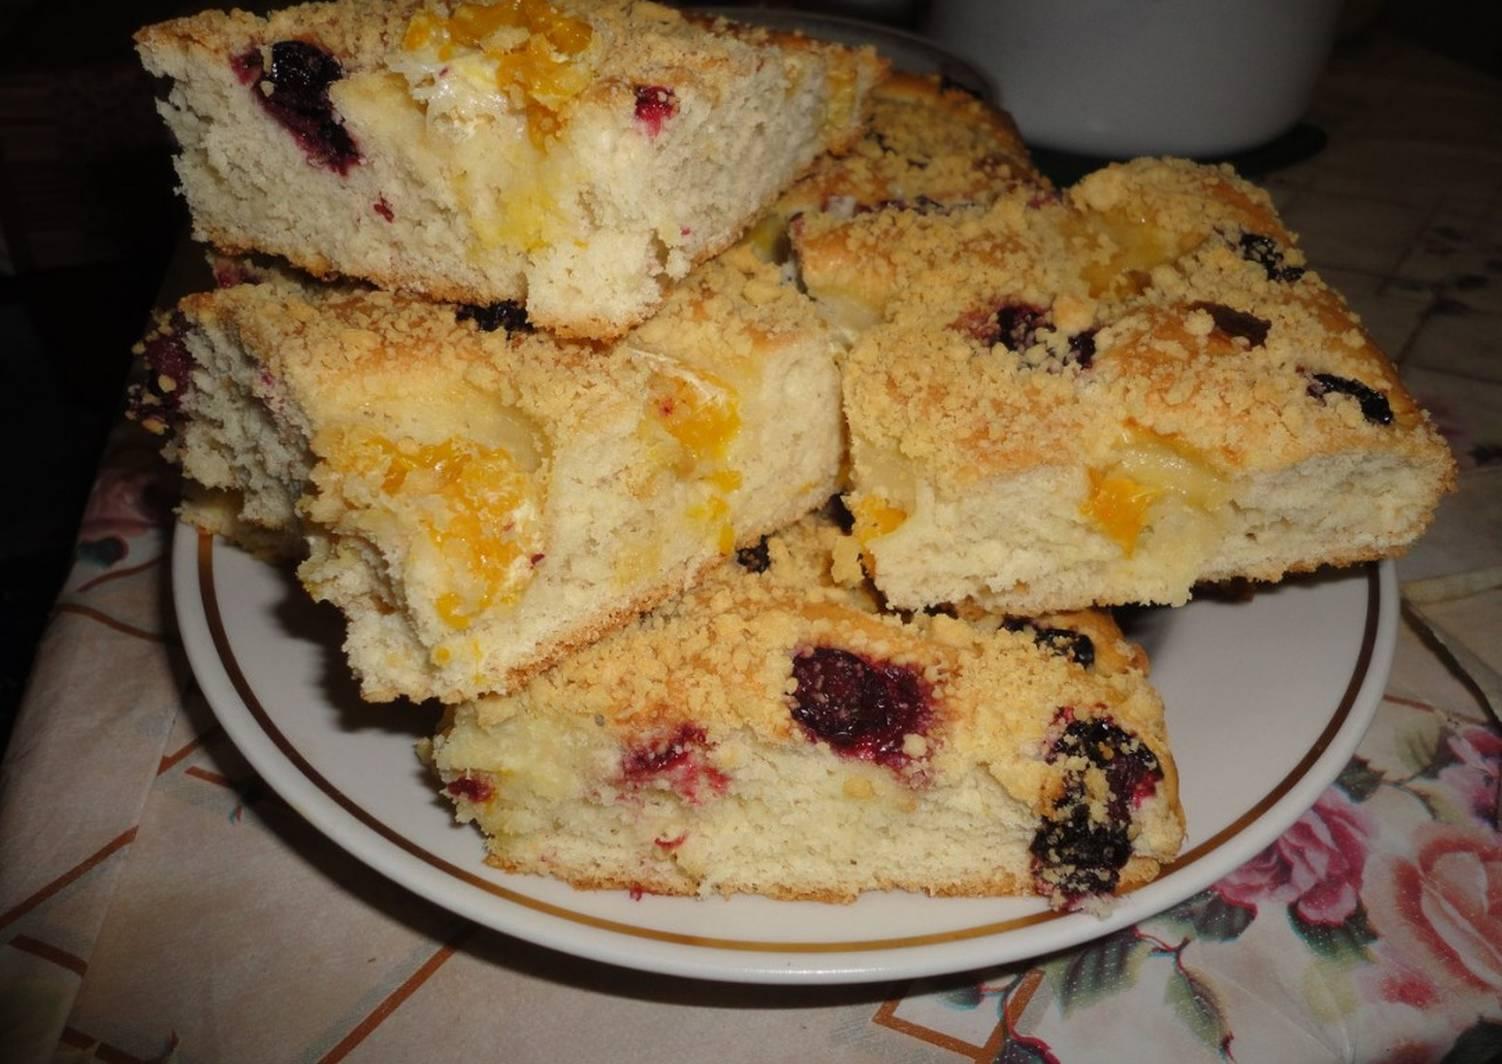 пирог на минеральной воде рецепт с фото бесплатно